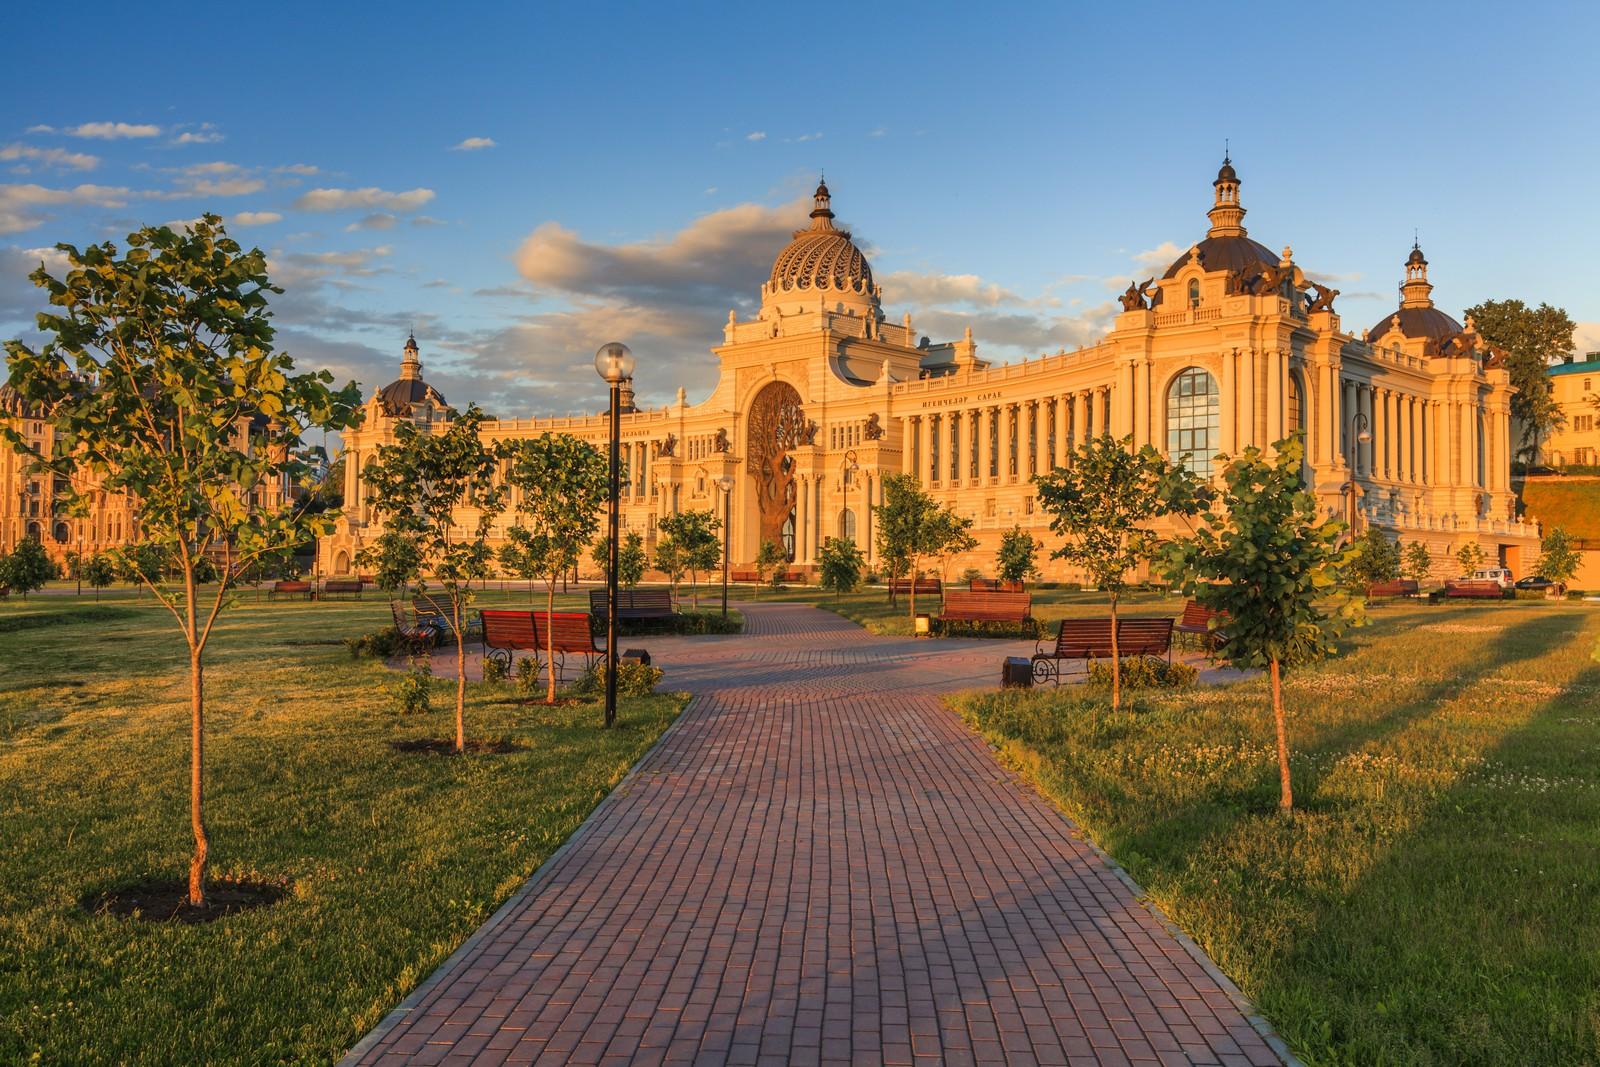 Дворец земледельцев, вблизи северной стены Казанского кремля